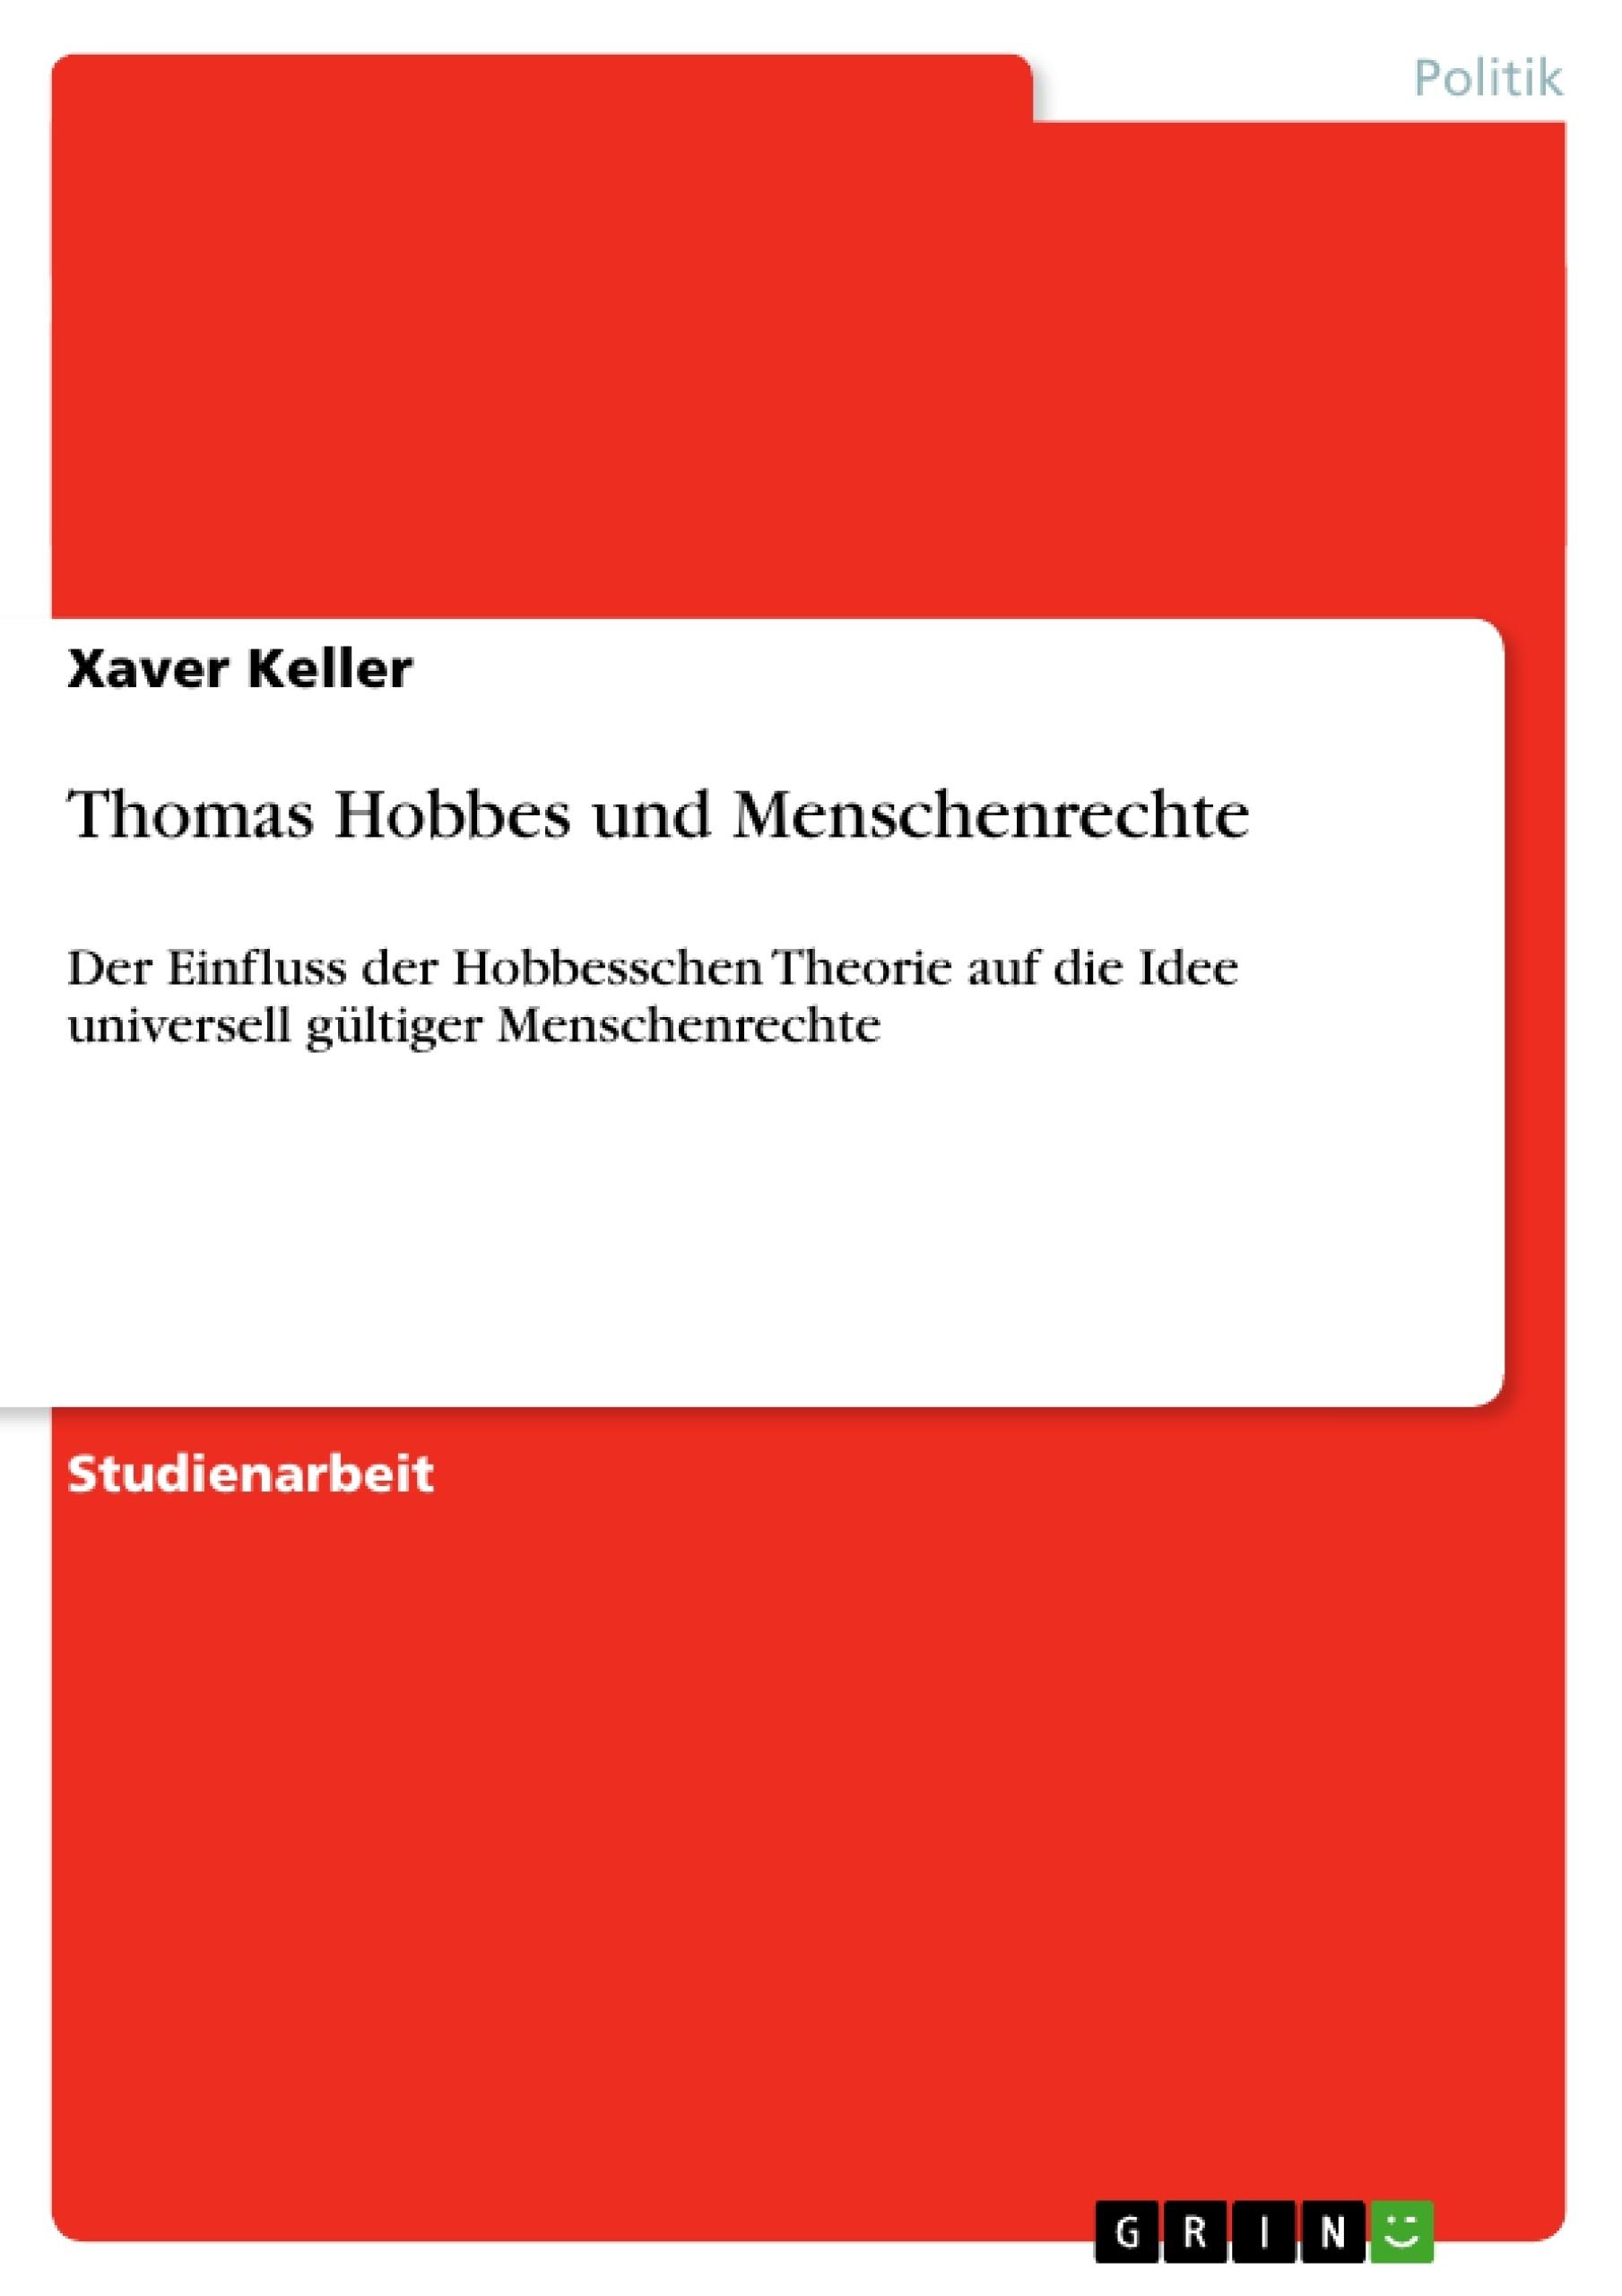 Titel: Thomas Hobbes und Menschenrechte